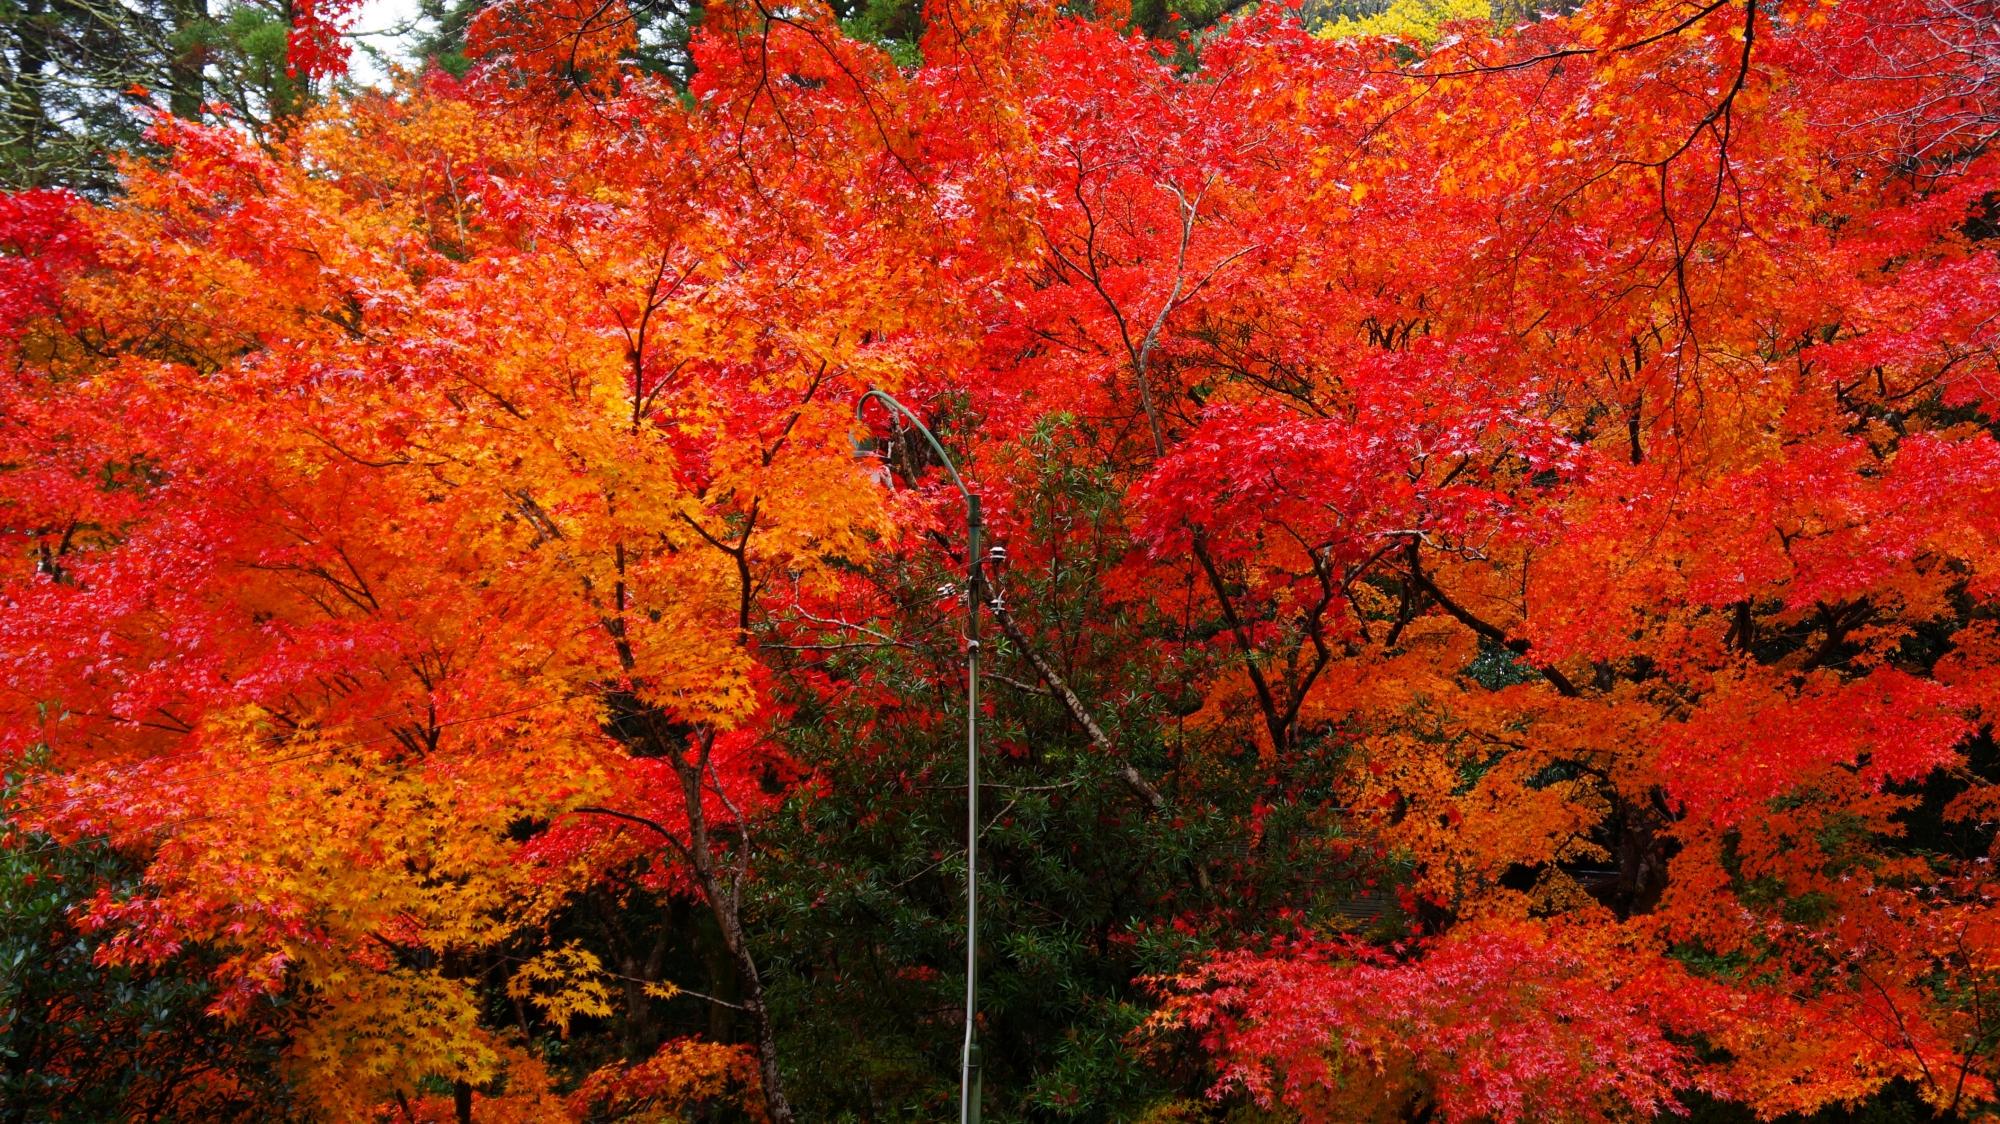 栖賢寺の燃え上がるような赤や濃いオレンジ色の紅葉